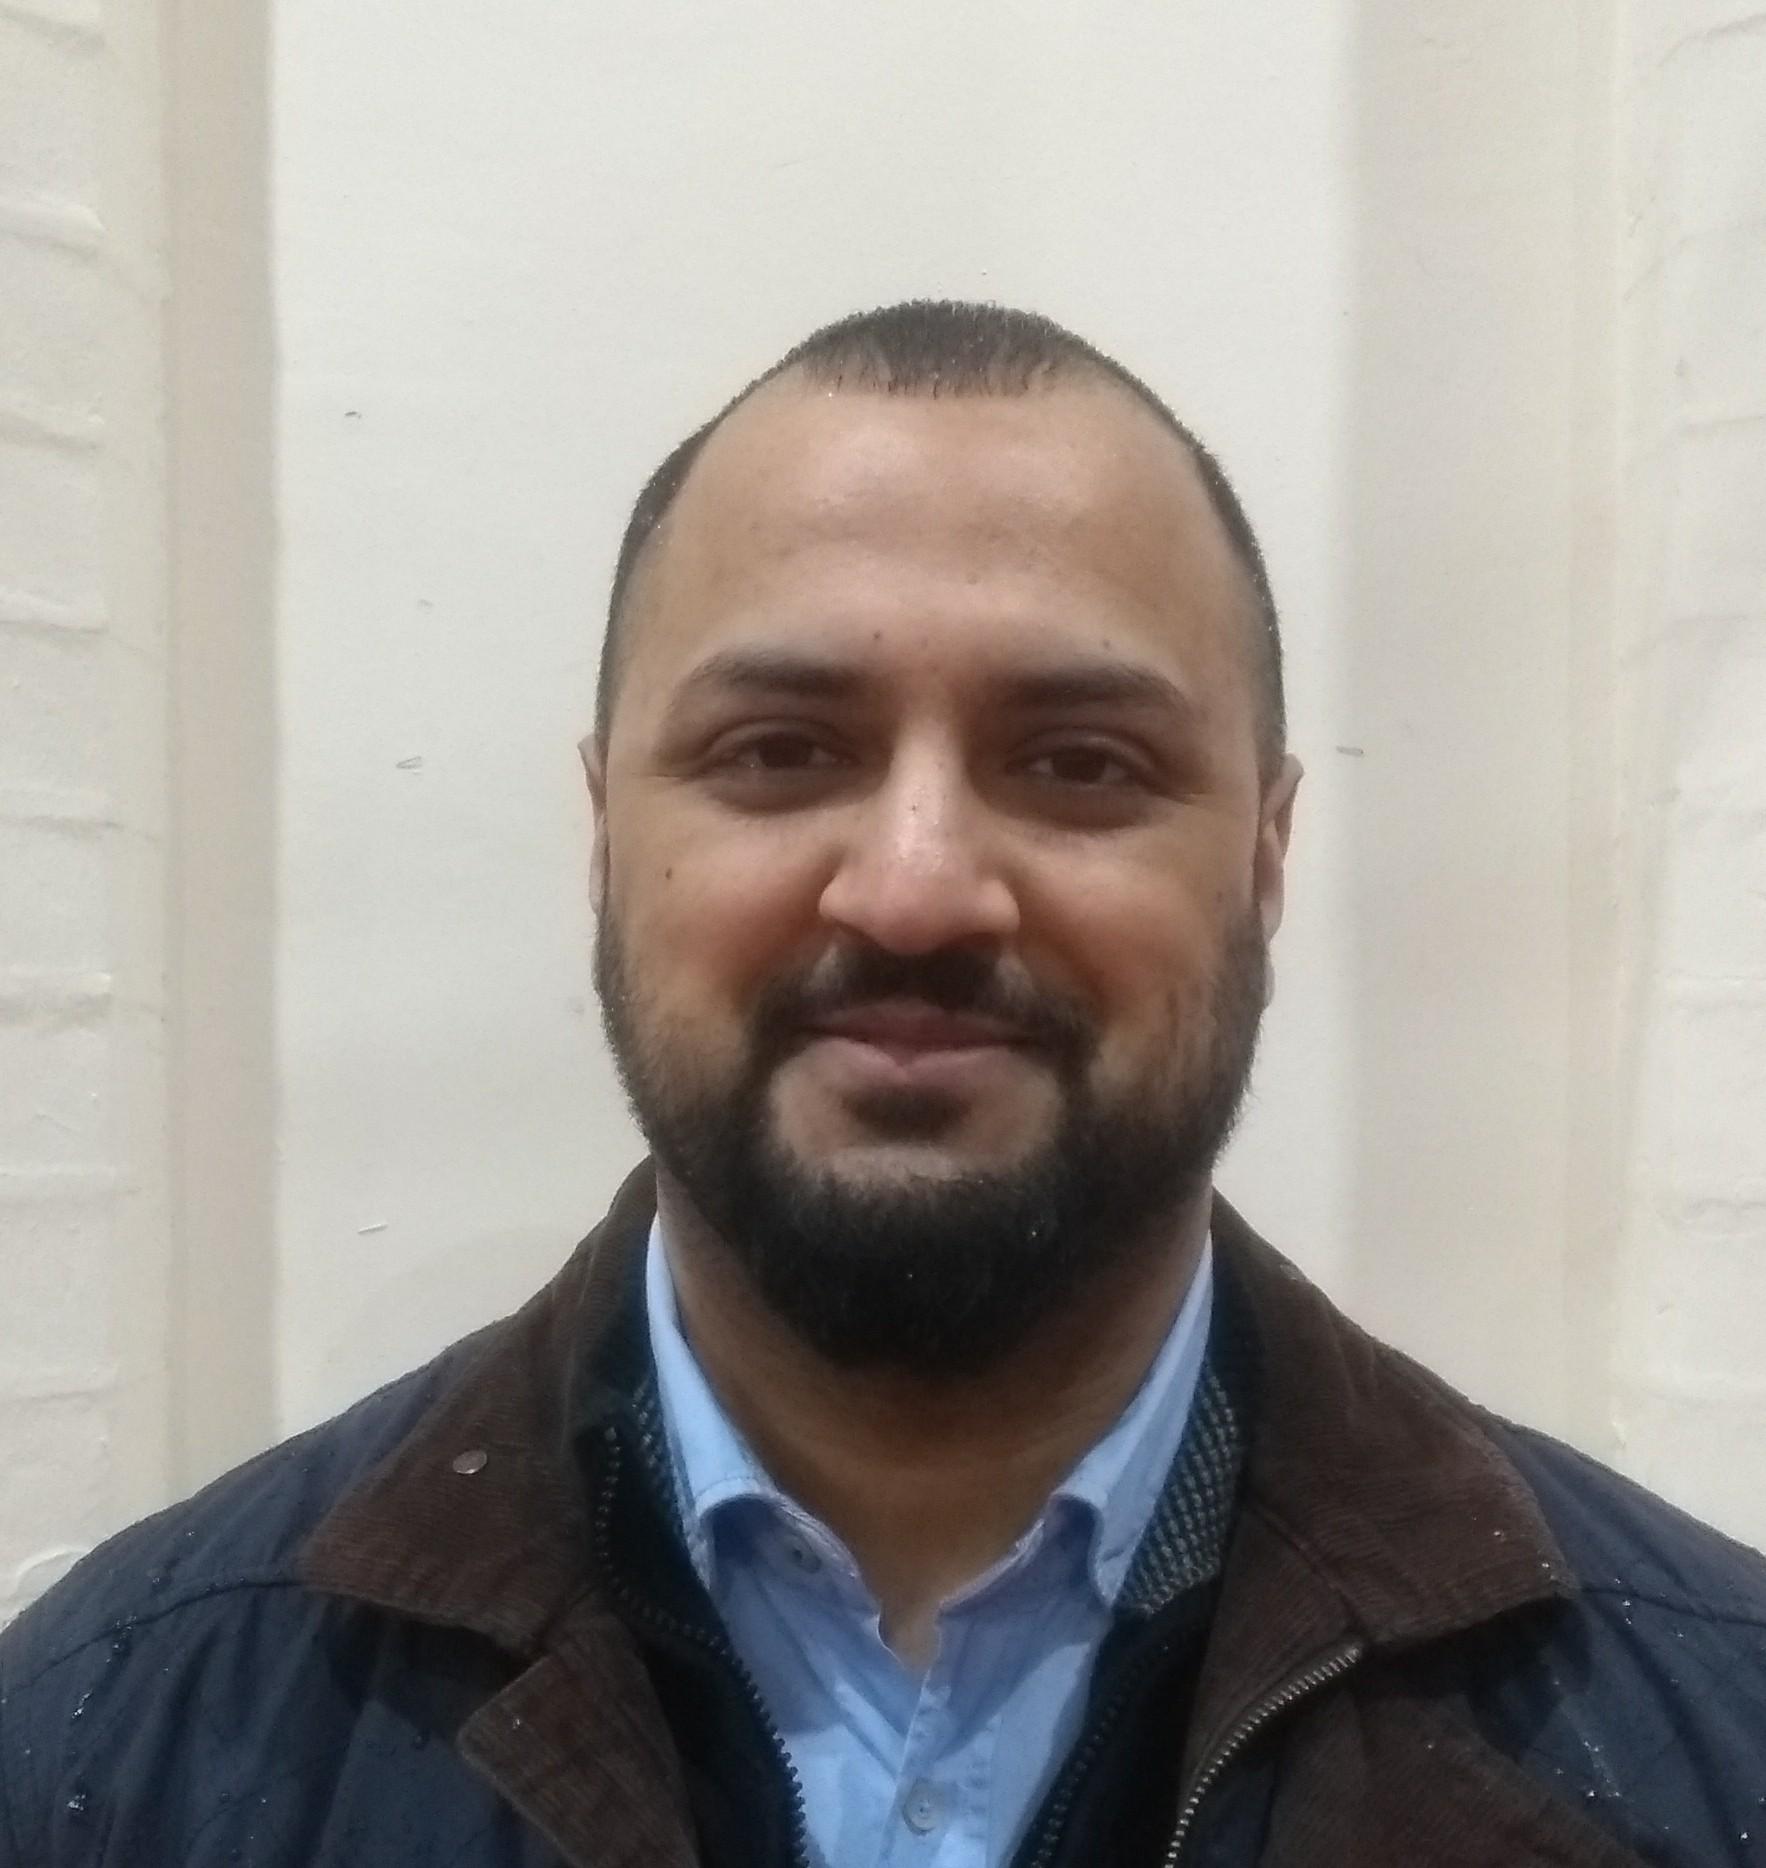 Imran Iqbal